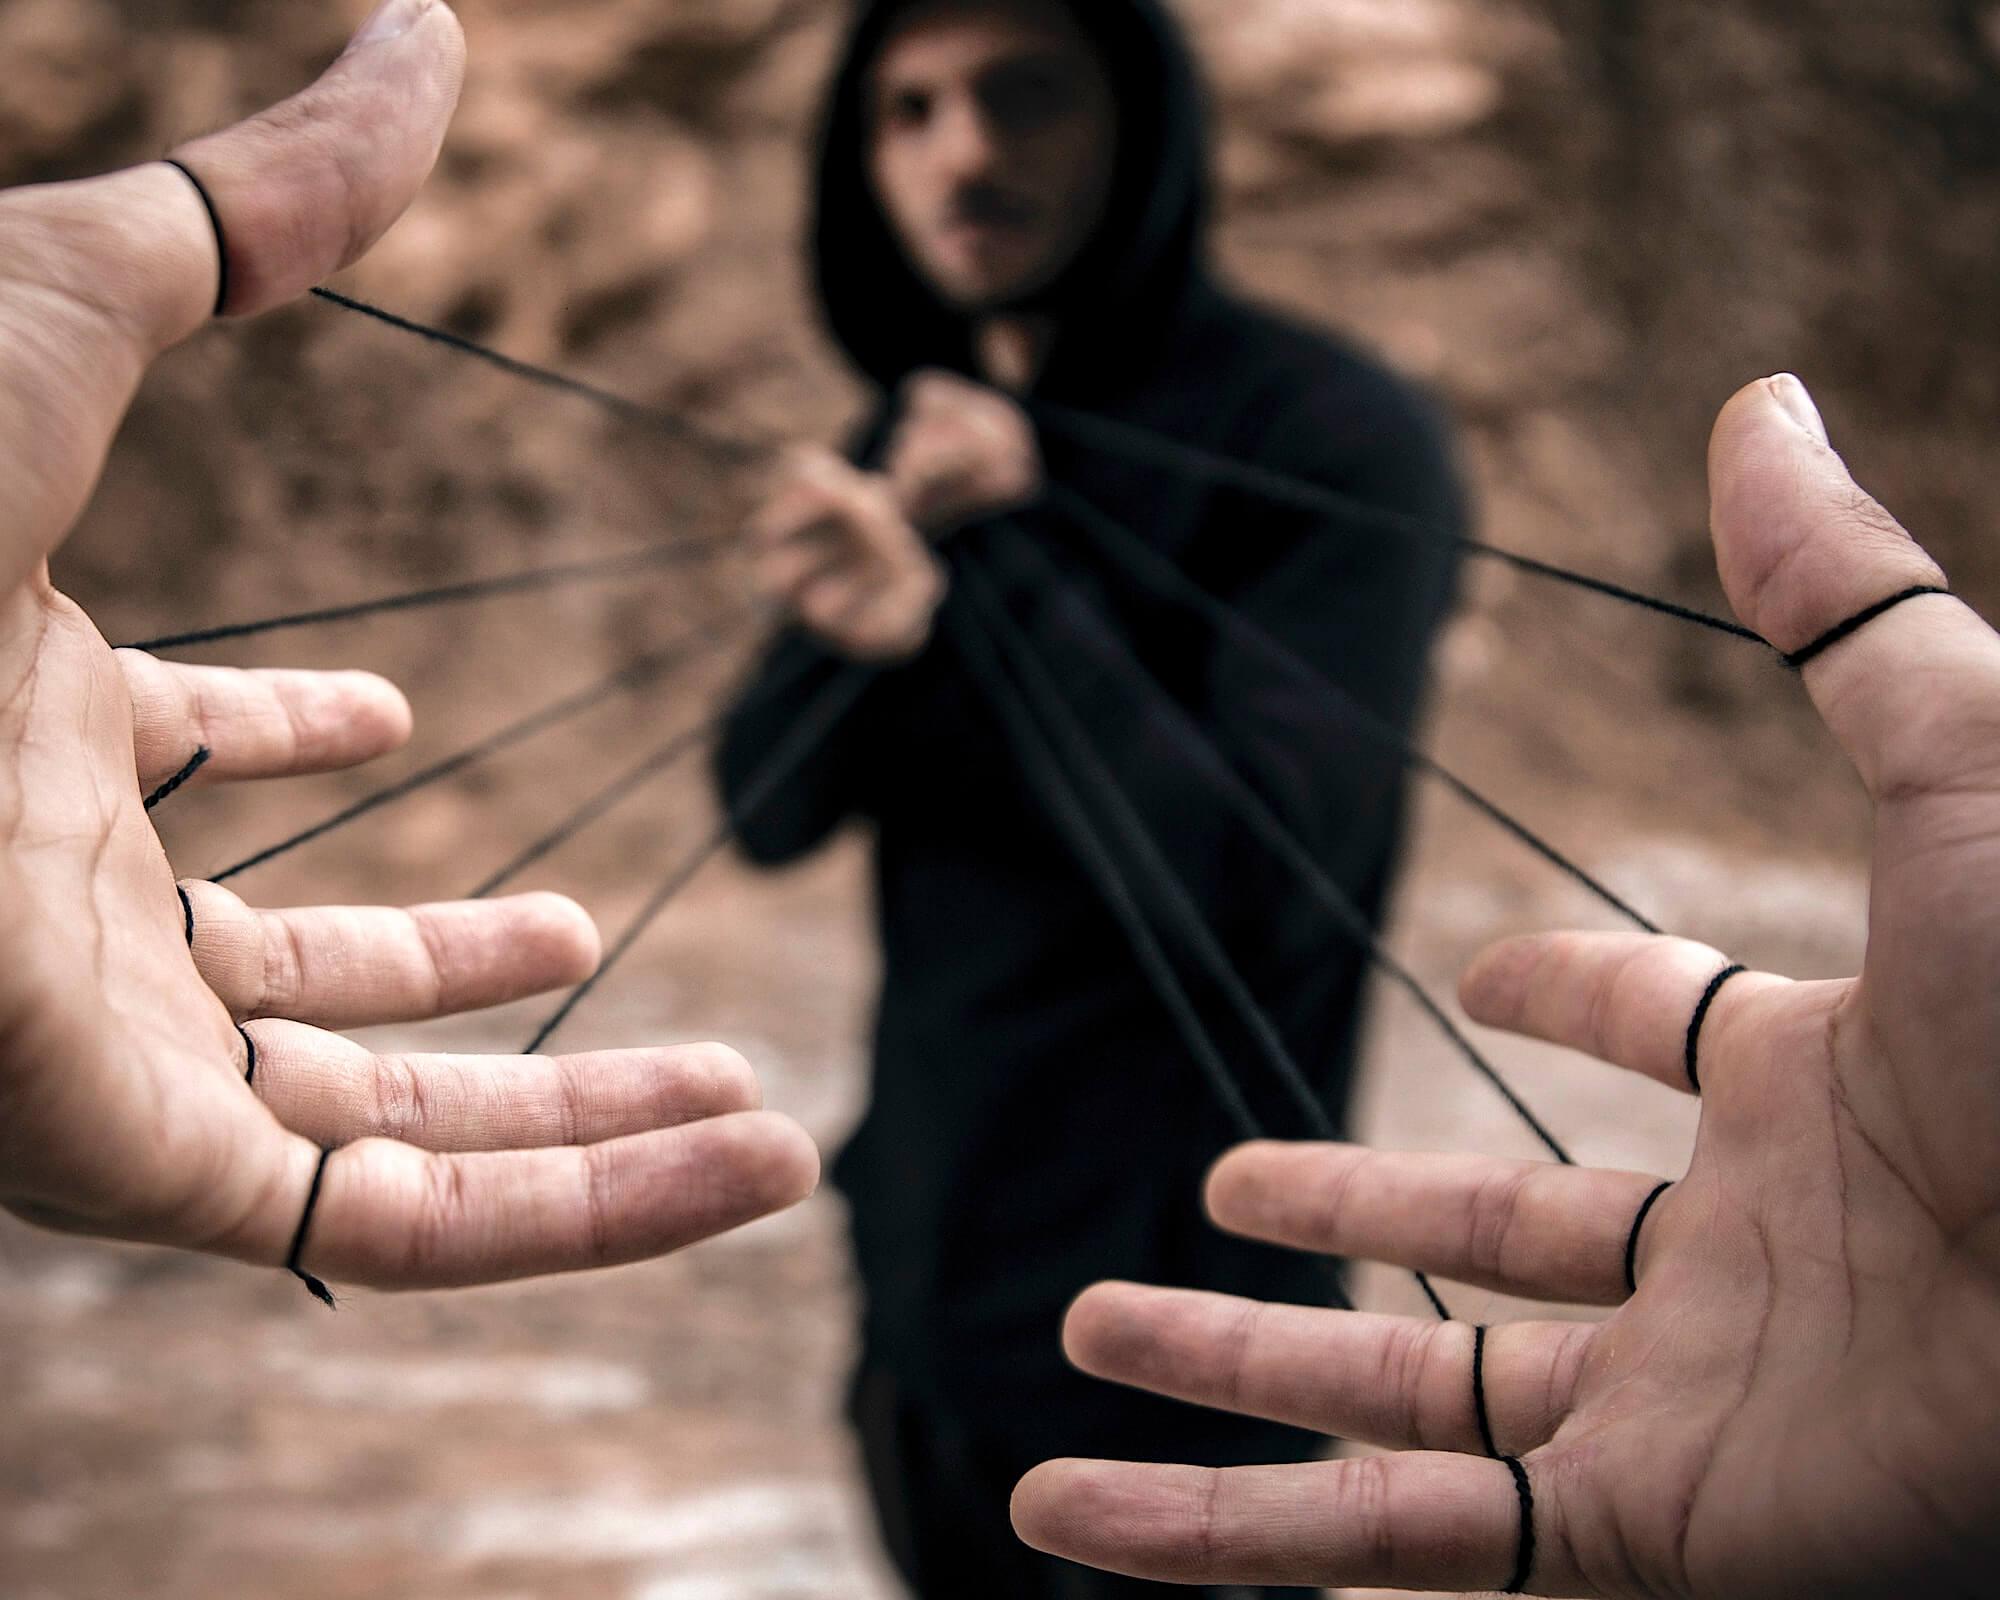 Фотография: Amirr Zolfaqari. Источник: Unsplash.com